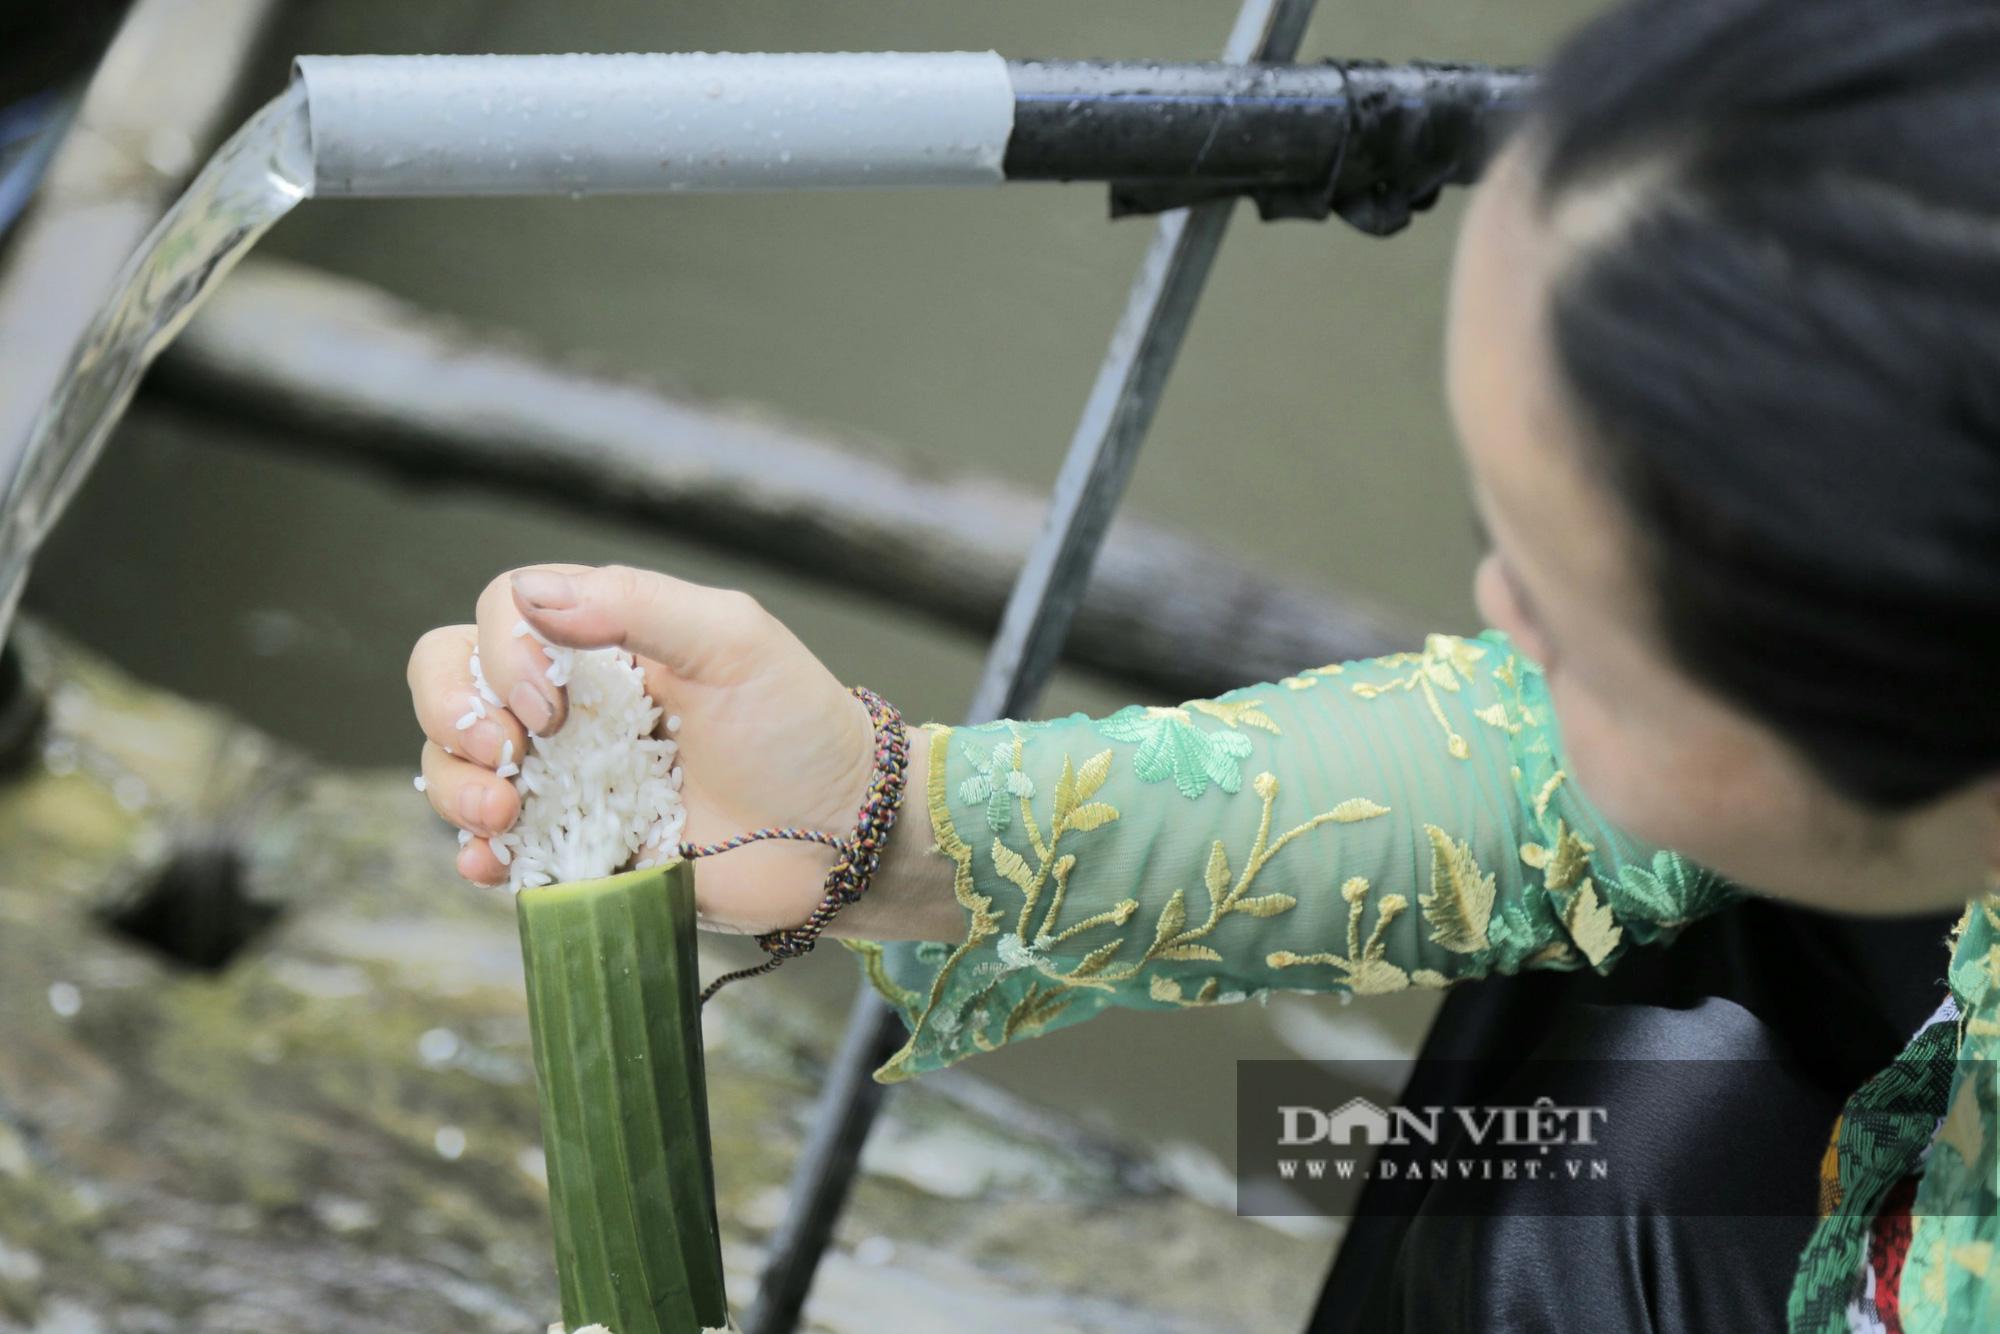 Đến Pù Luông thưởng thức món cơm lam truyền thống dân tộc Thái nơi đây - Ảnh 4.